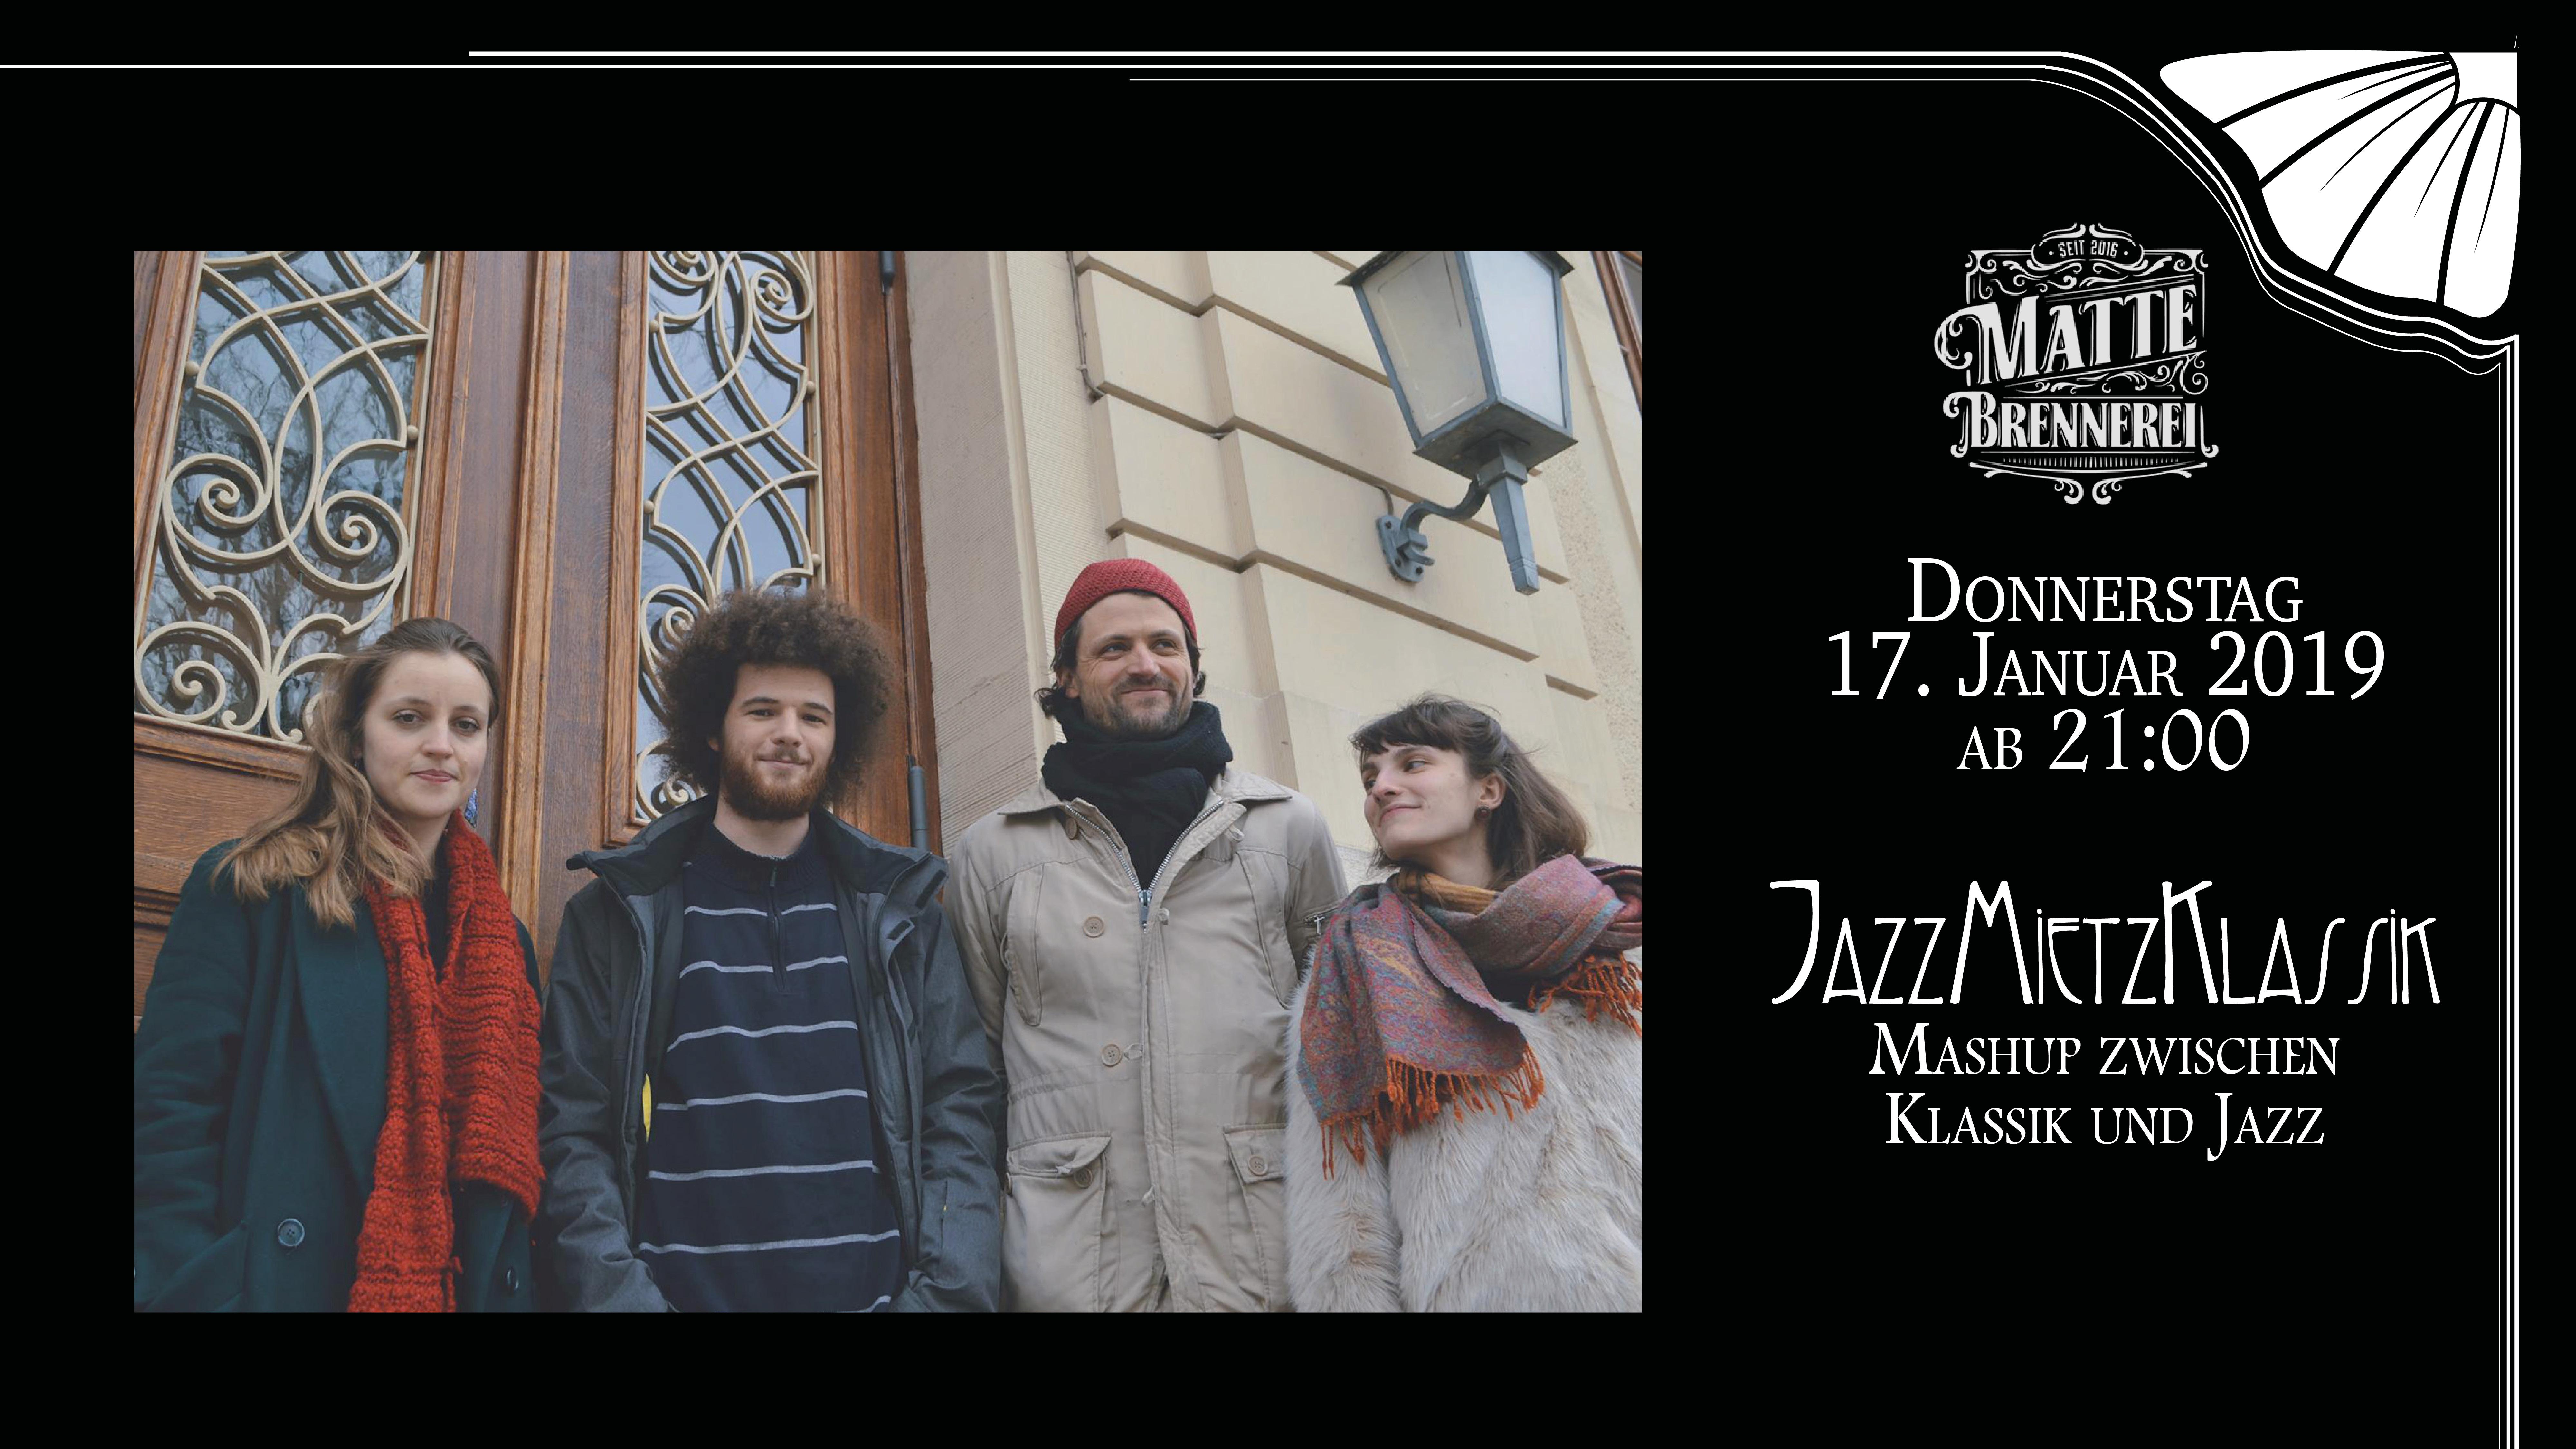 JazzMietzKlassik - live @ Matte Brennerei